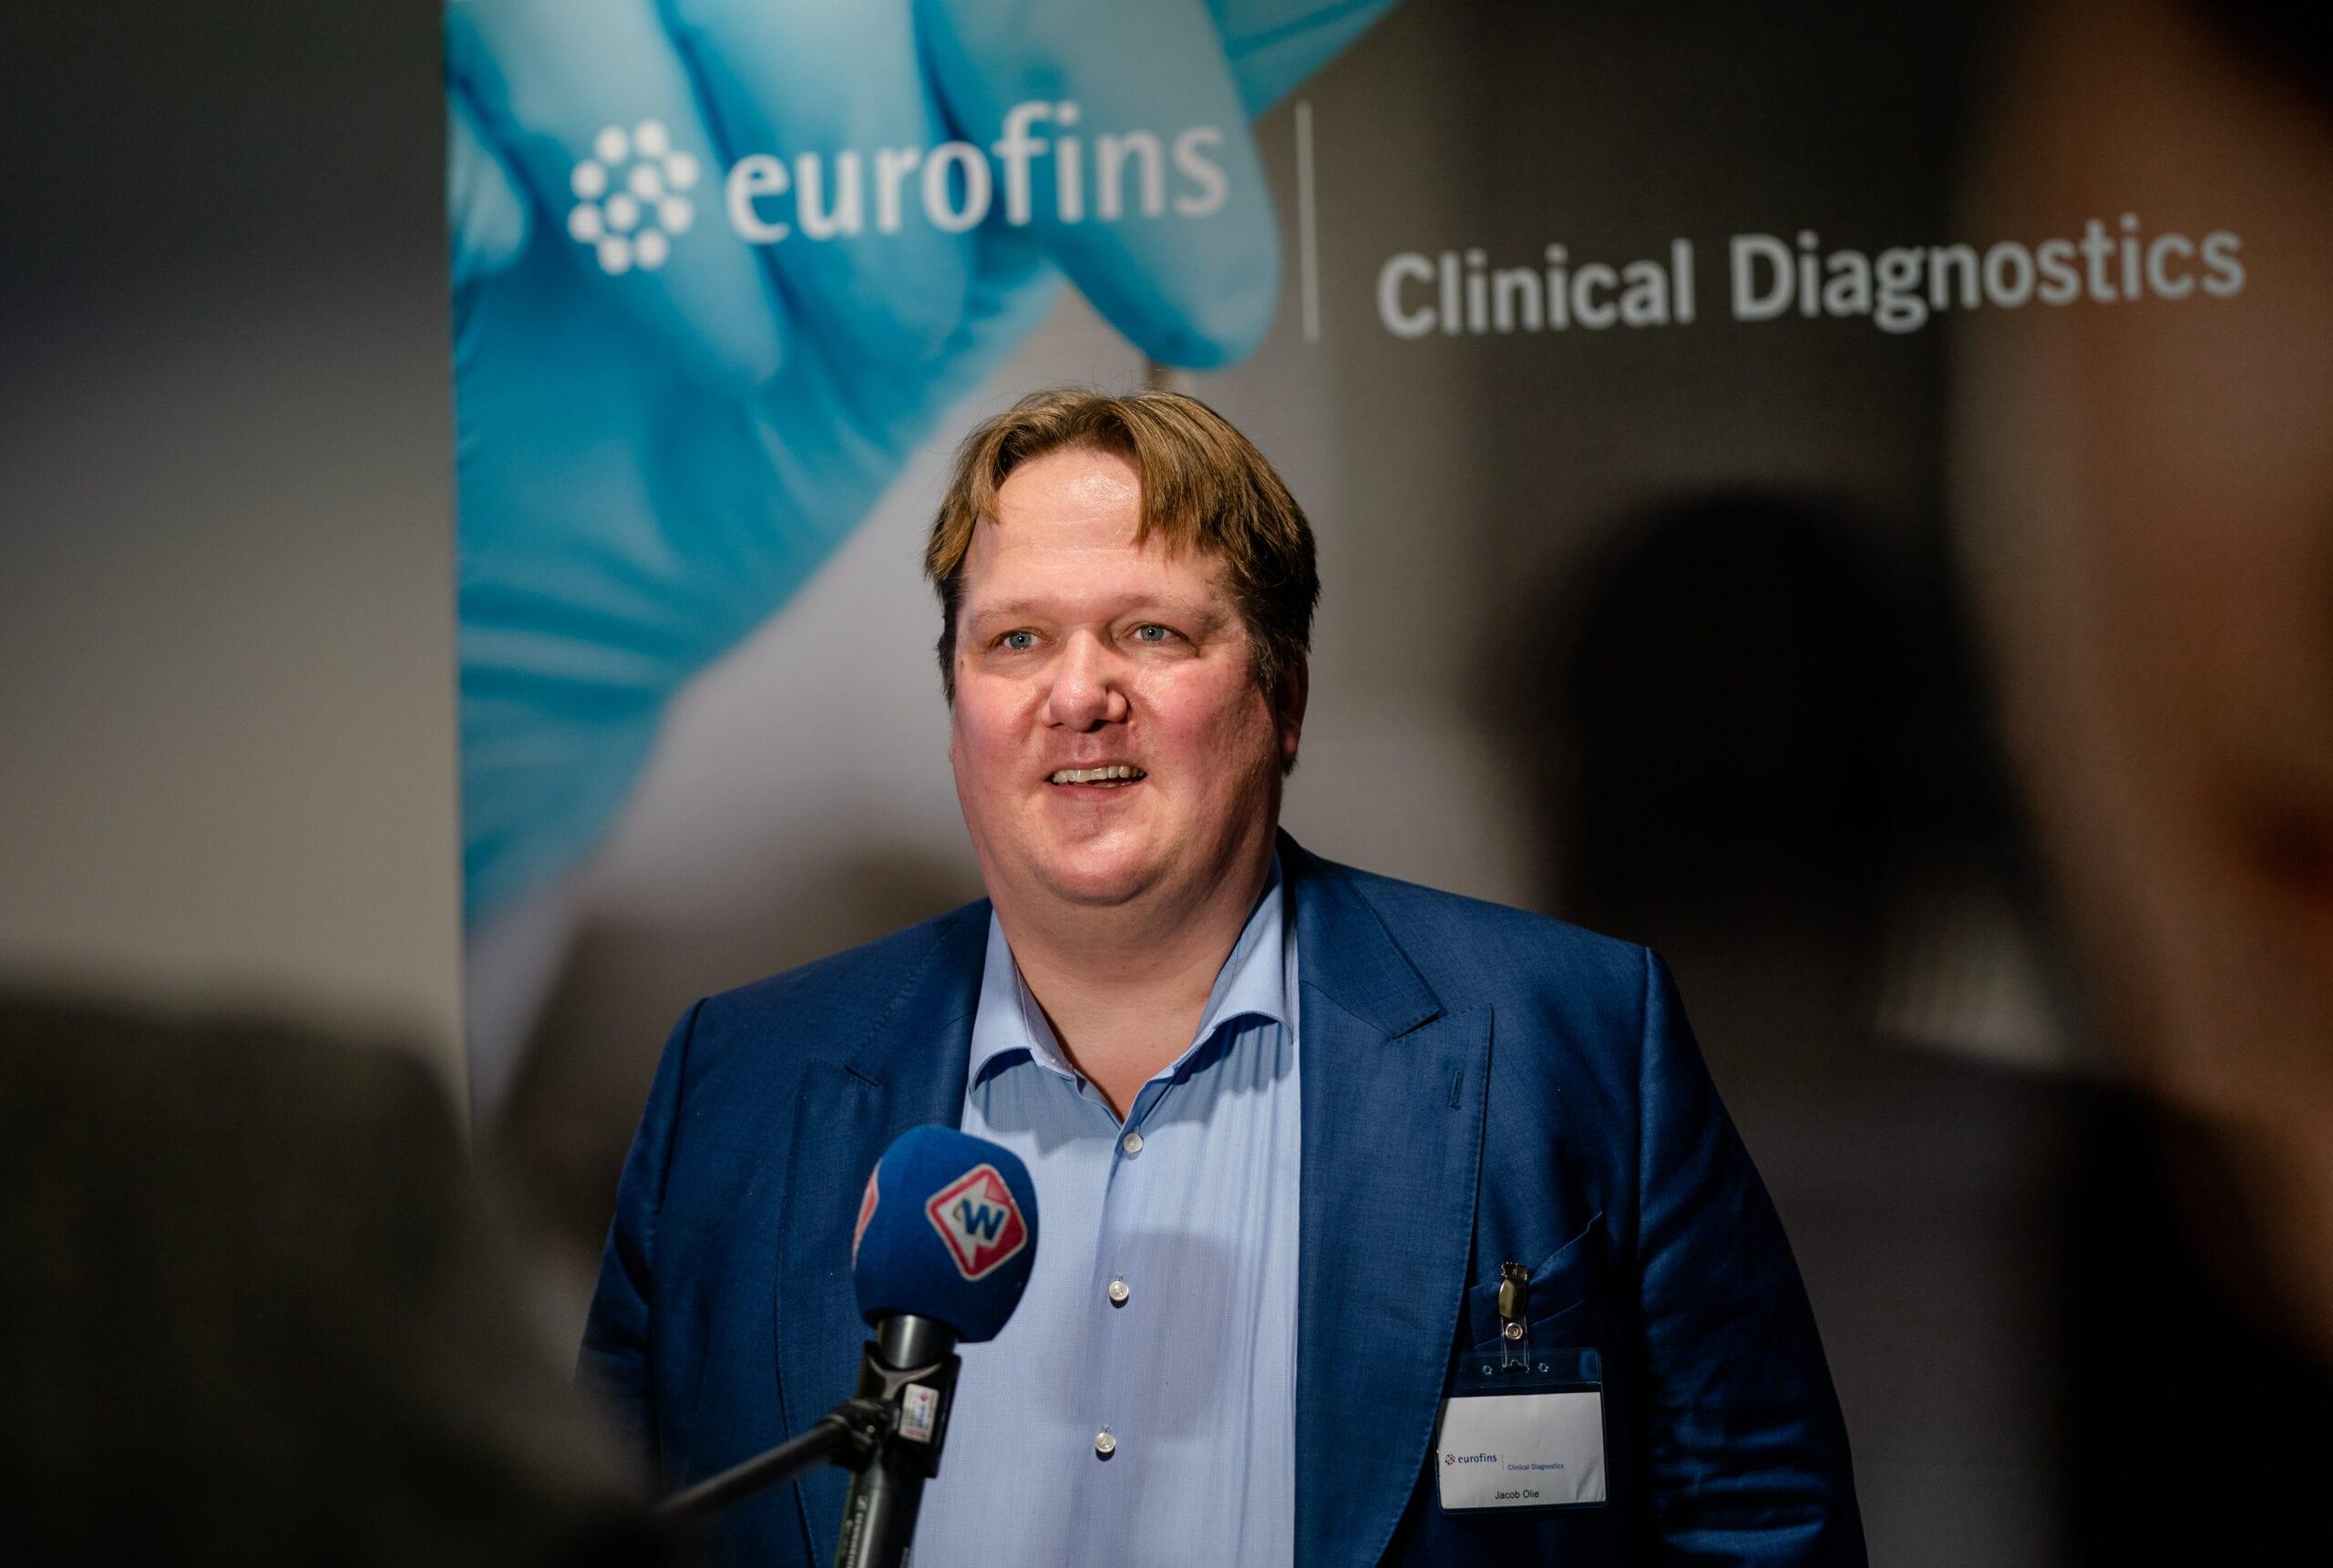 Jacob Olie Eurofins Clincial Diagnostcis